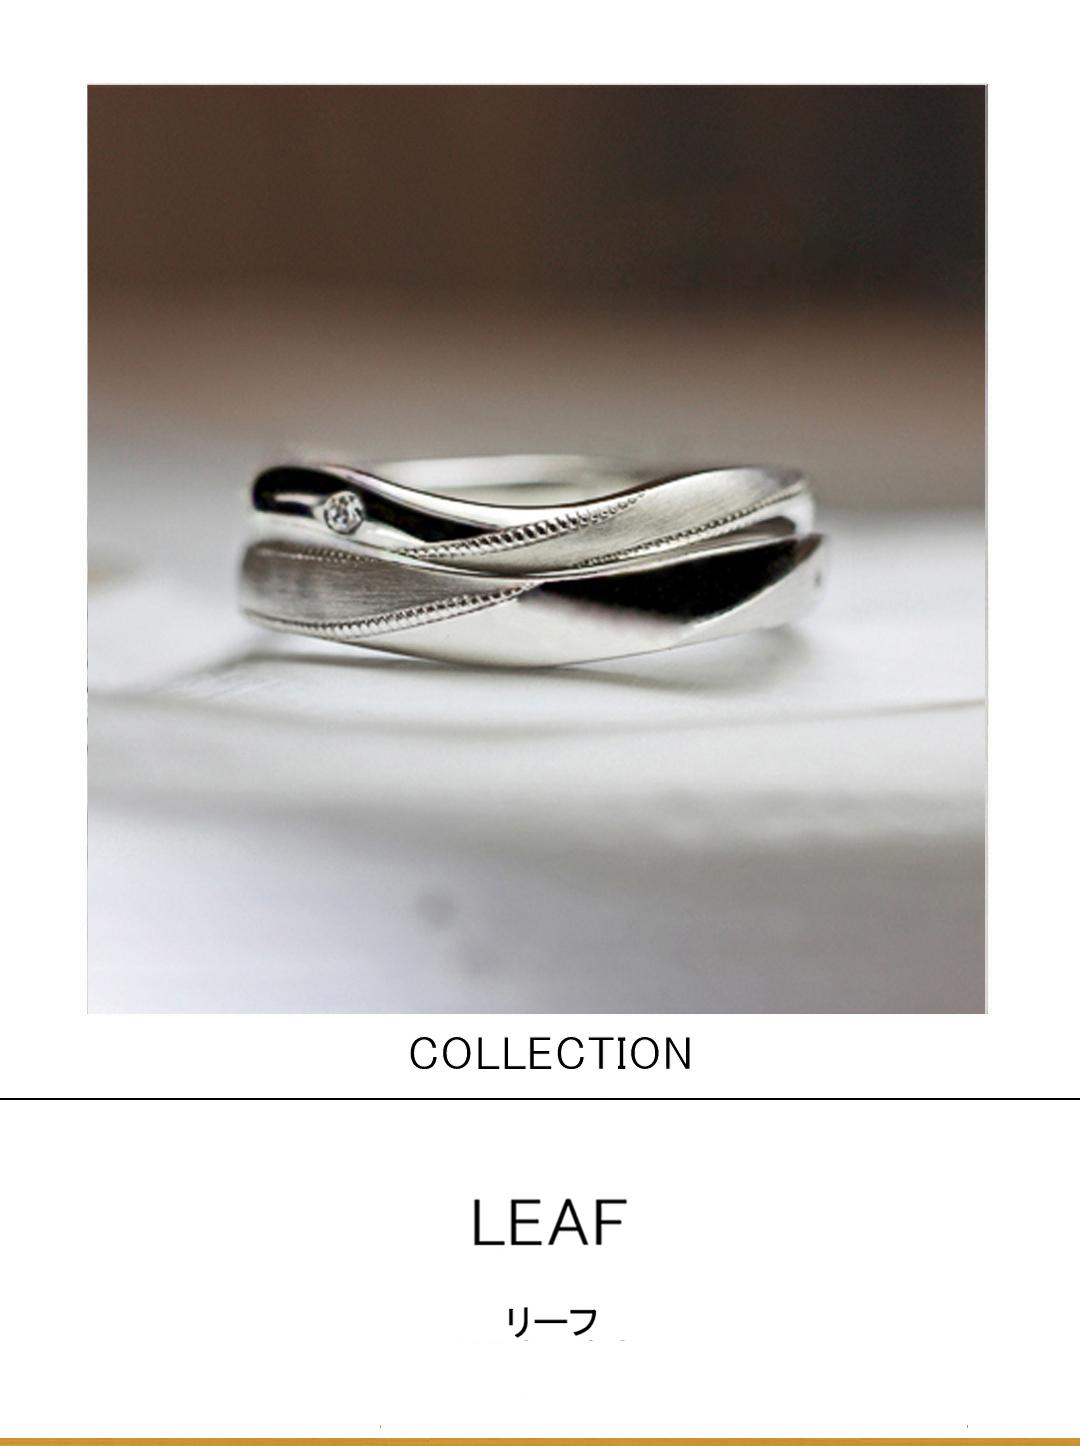 2本のリングが一緒に舞うペアのリーフデザインのプラチナ結婚指輪のサムネイル